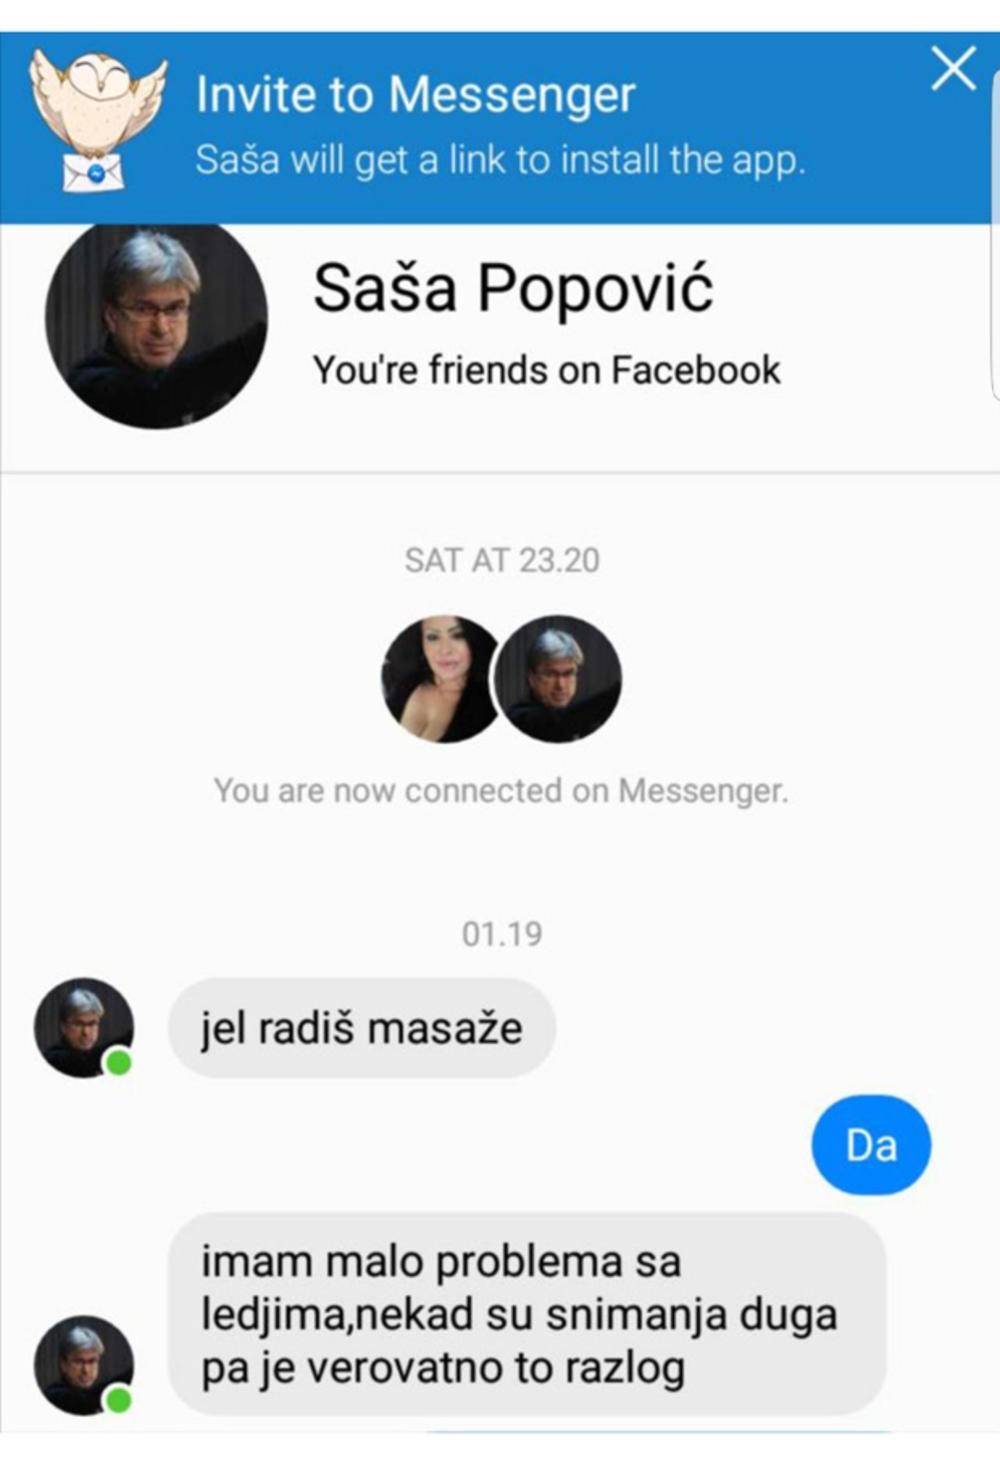 Saši Popoviću otvorili lažni FB profil pa slali devojkama poruke